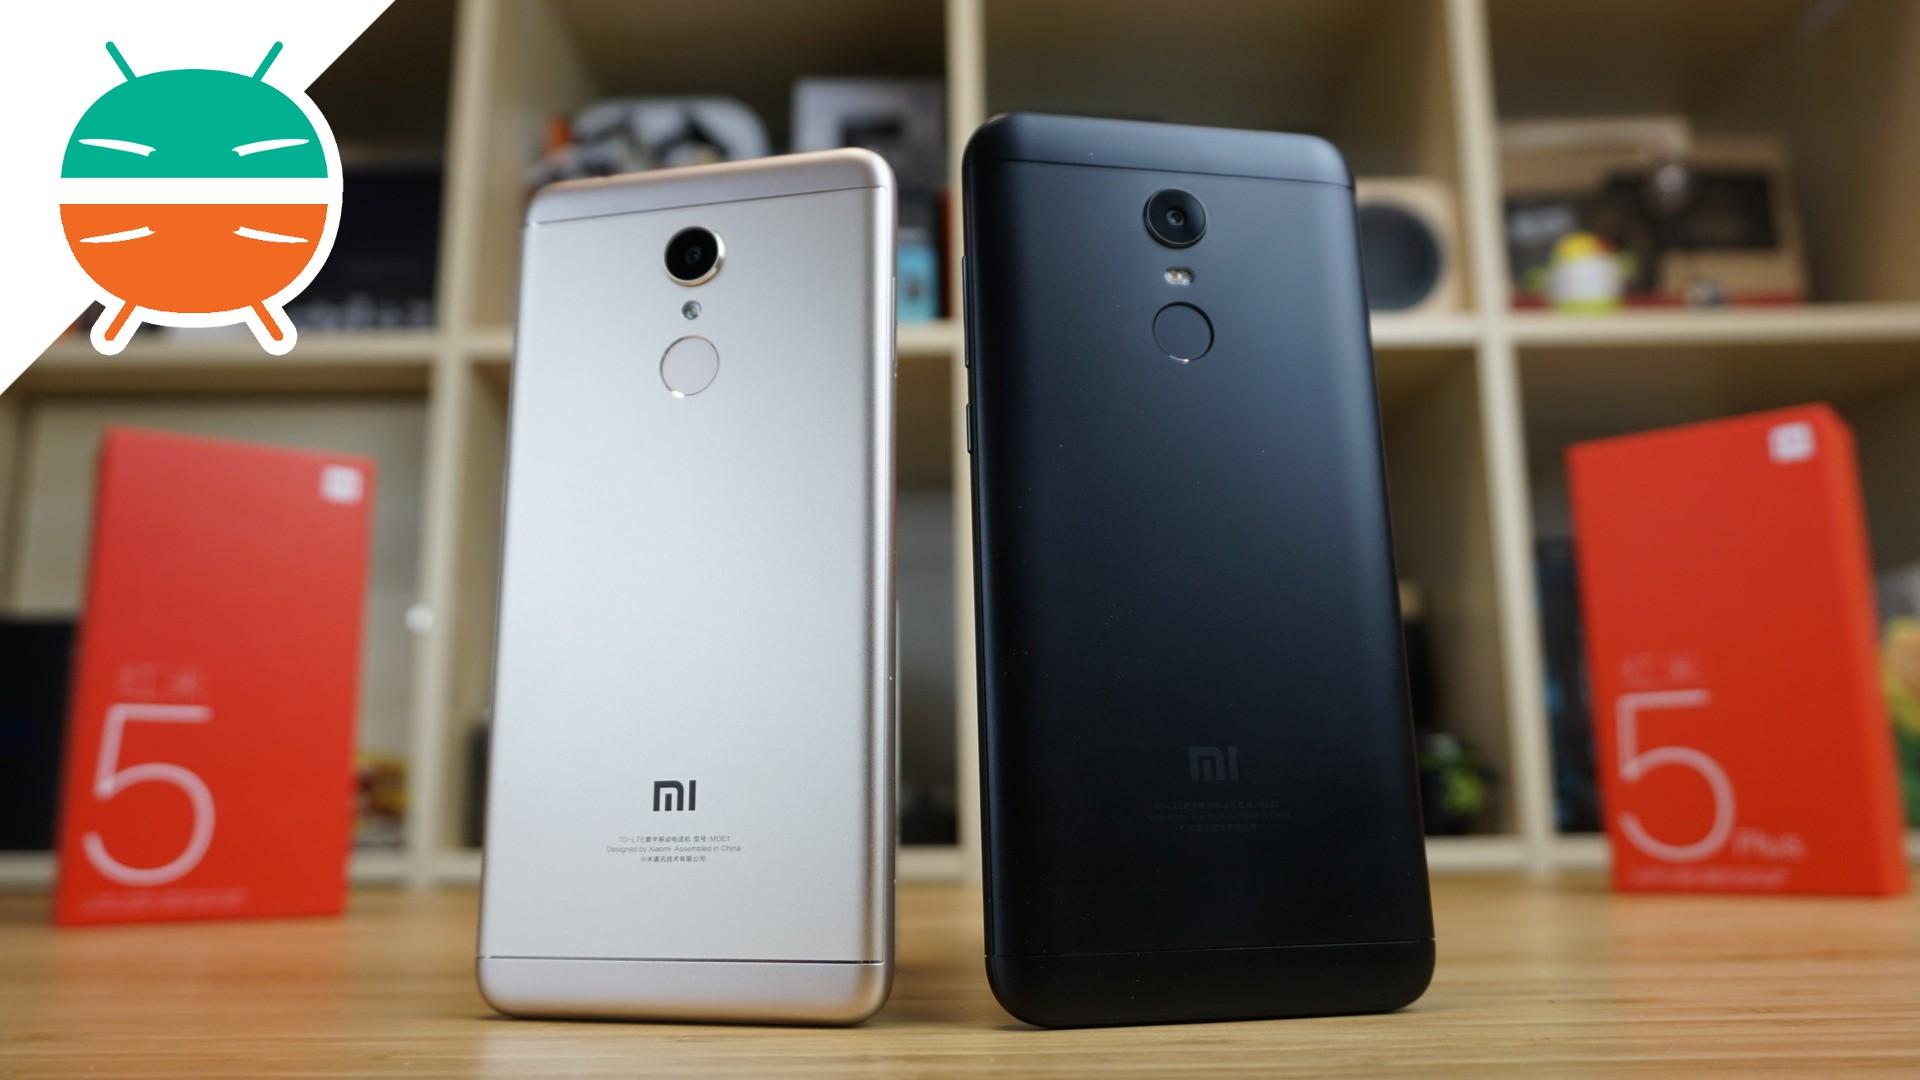 Review Xiaomi Redmi 5 and comparison with Redmi 5 Plus